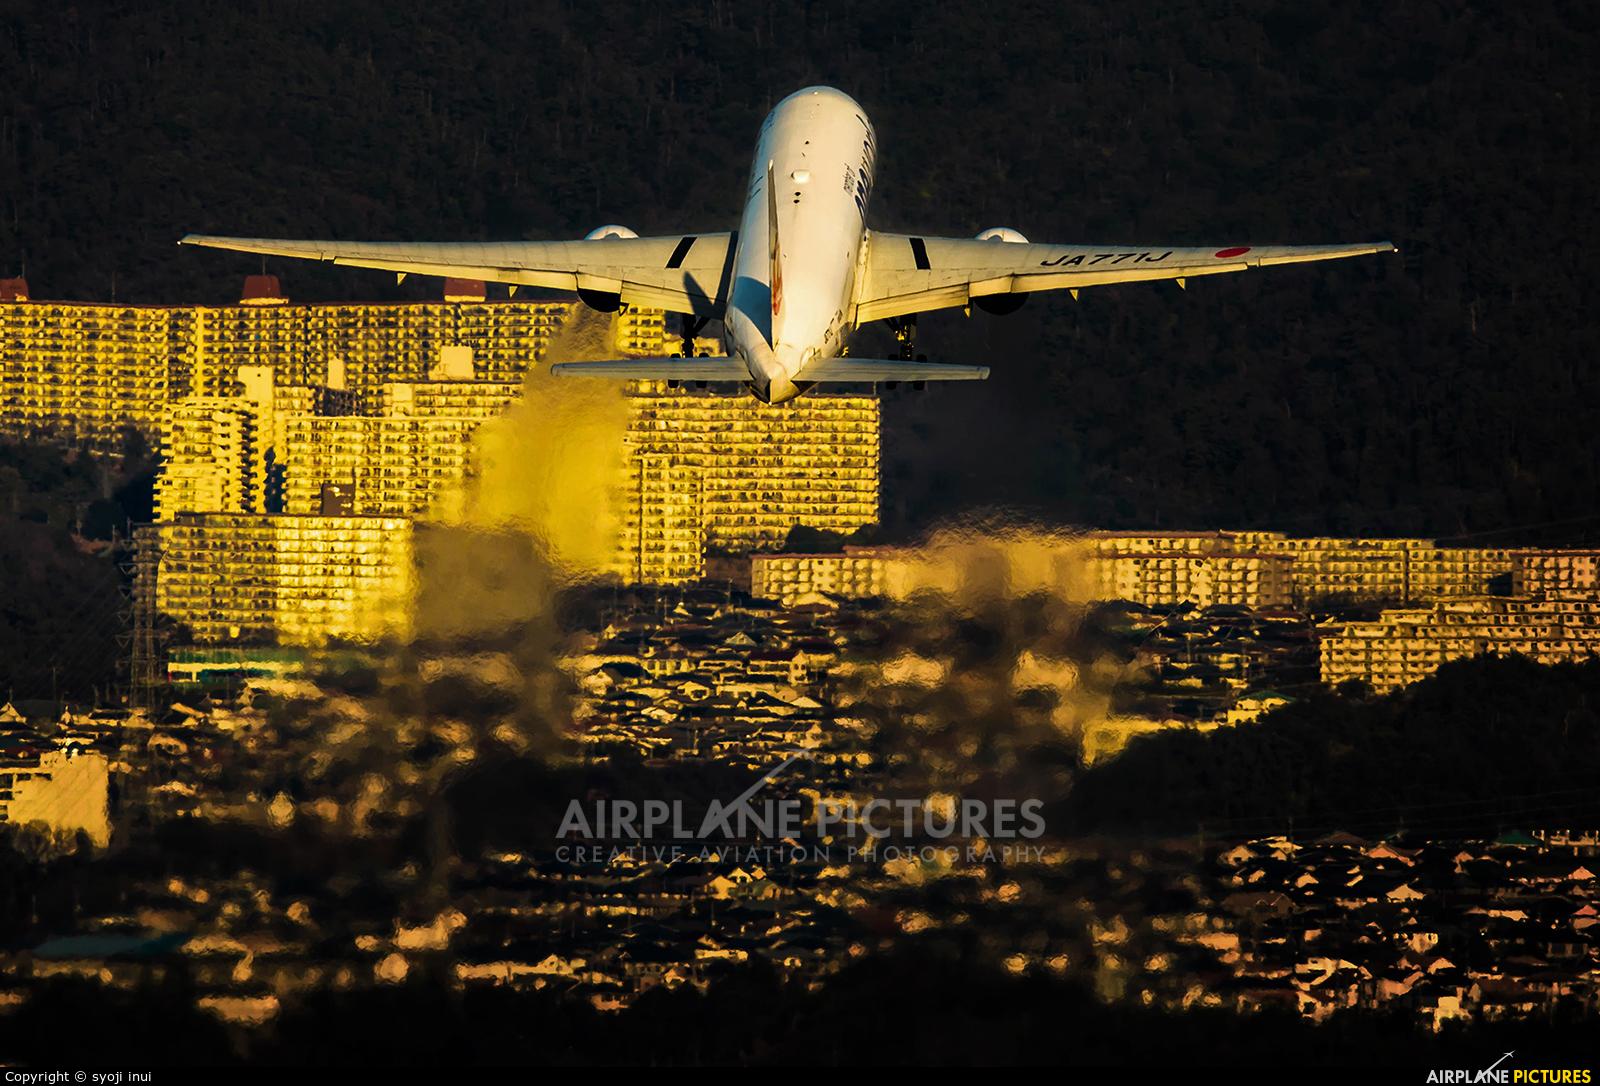 JAL - Japan Airlines JA771J aircraft at Osaka - Itami Intl